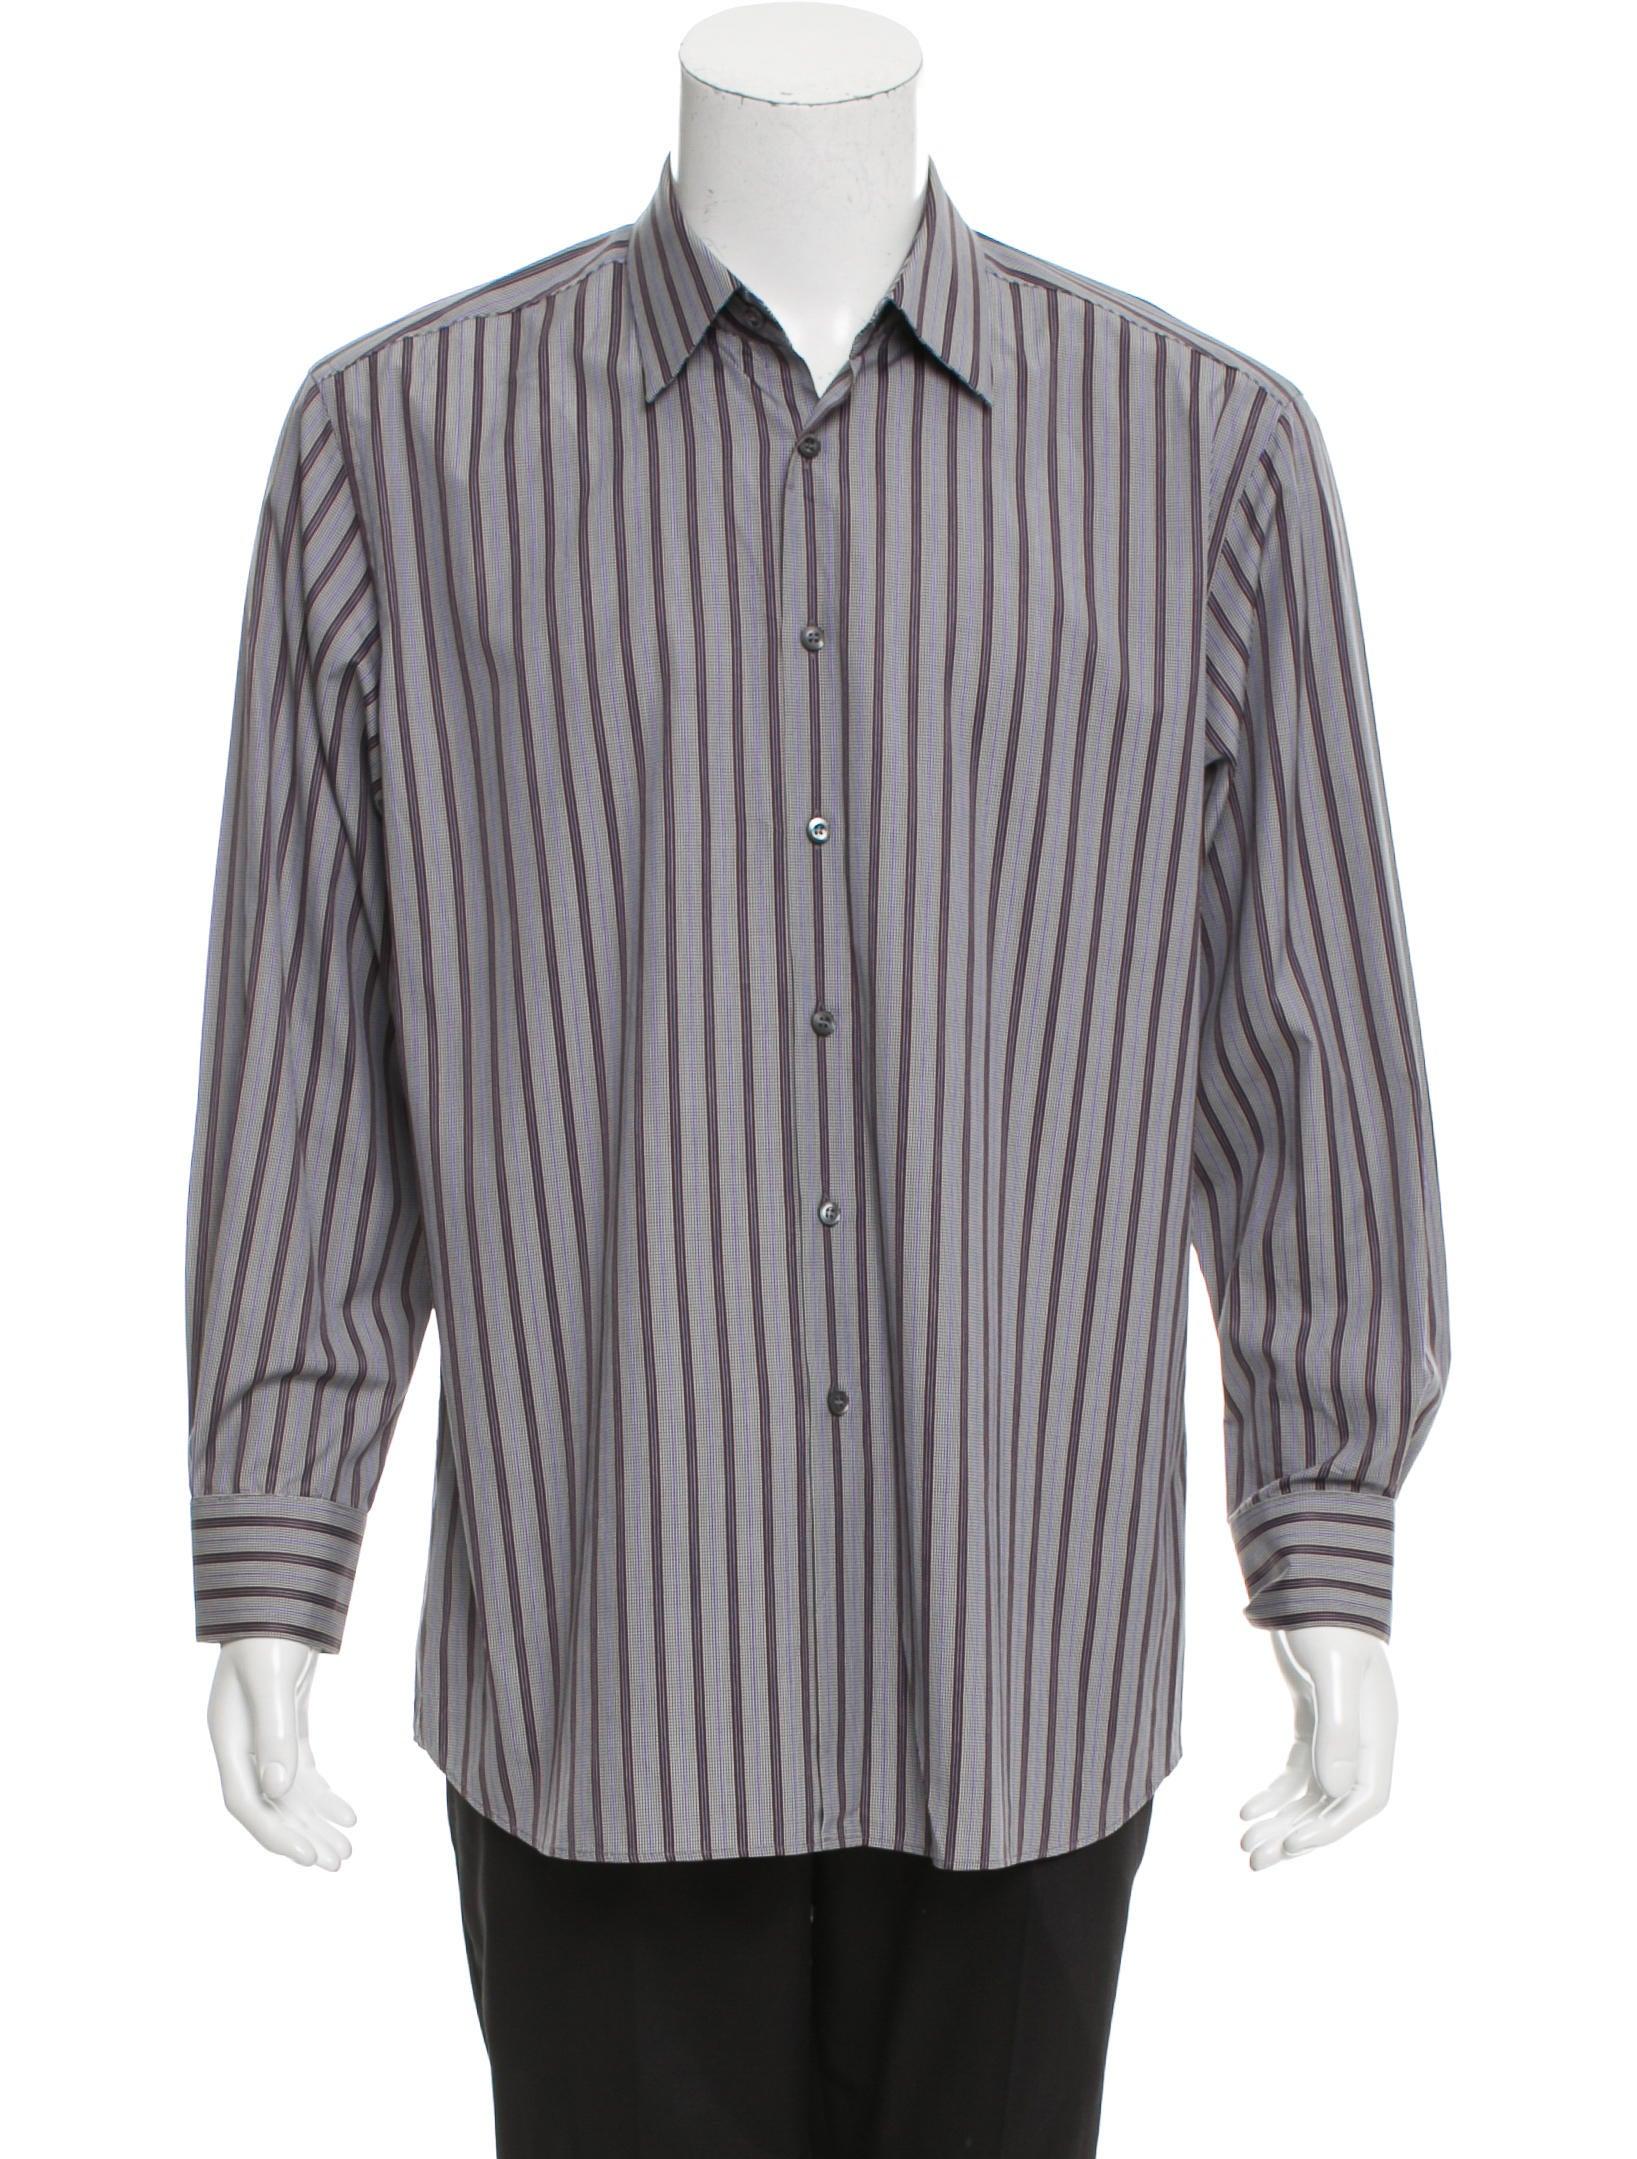 Prada striped button up shirt clothing pra149558 the for Striped button up shirt mens